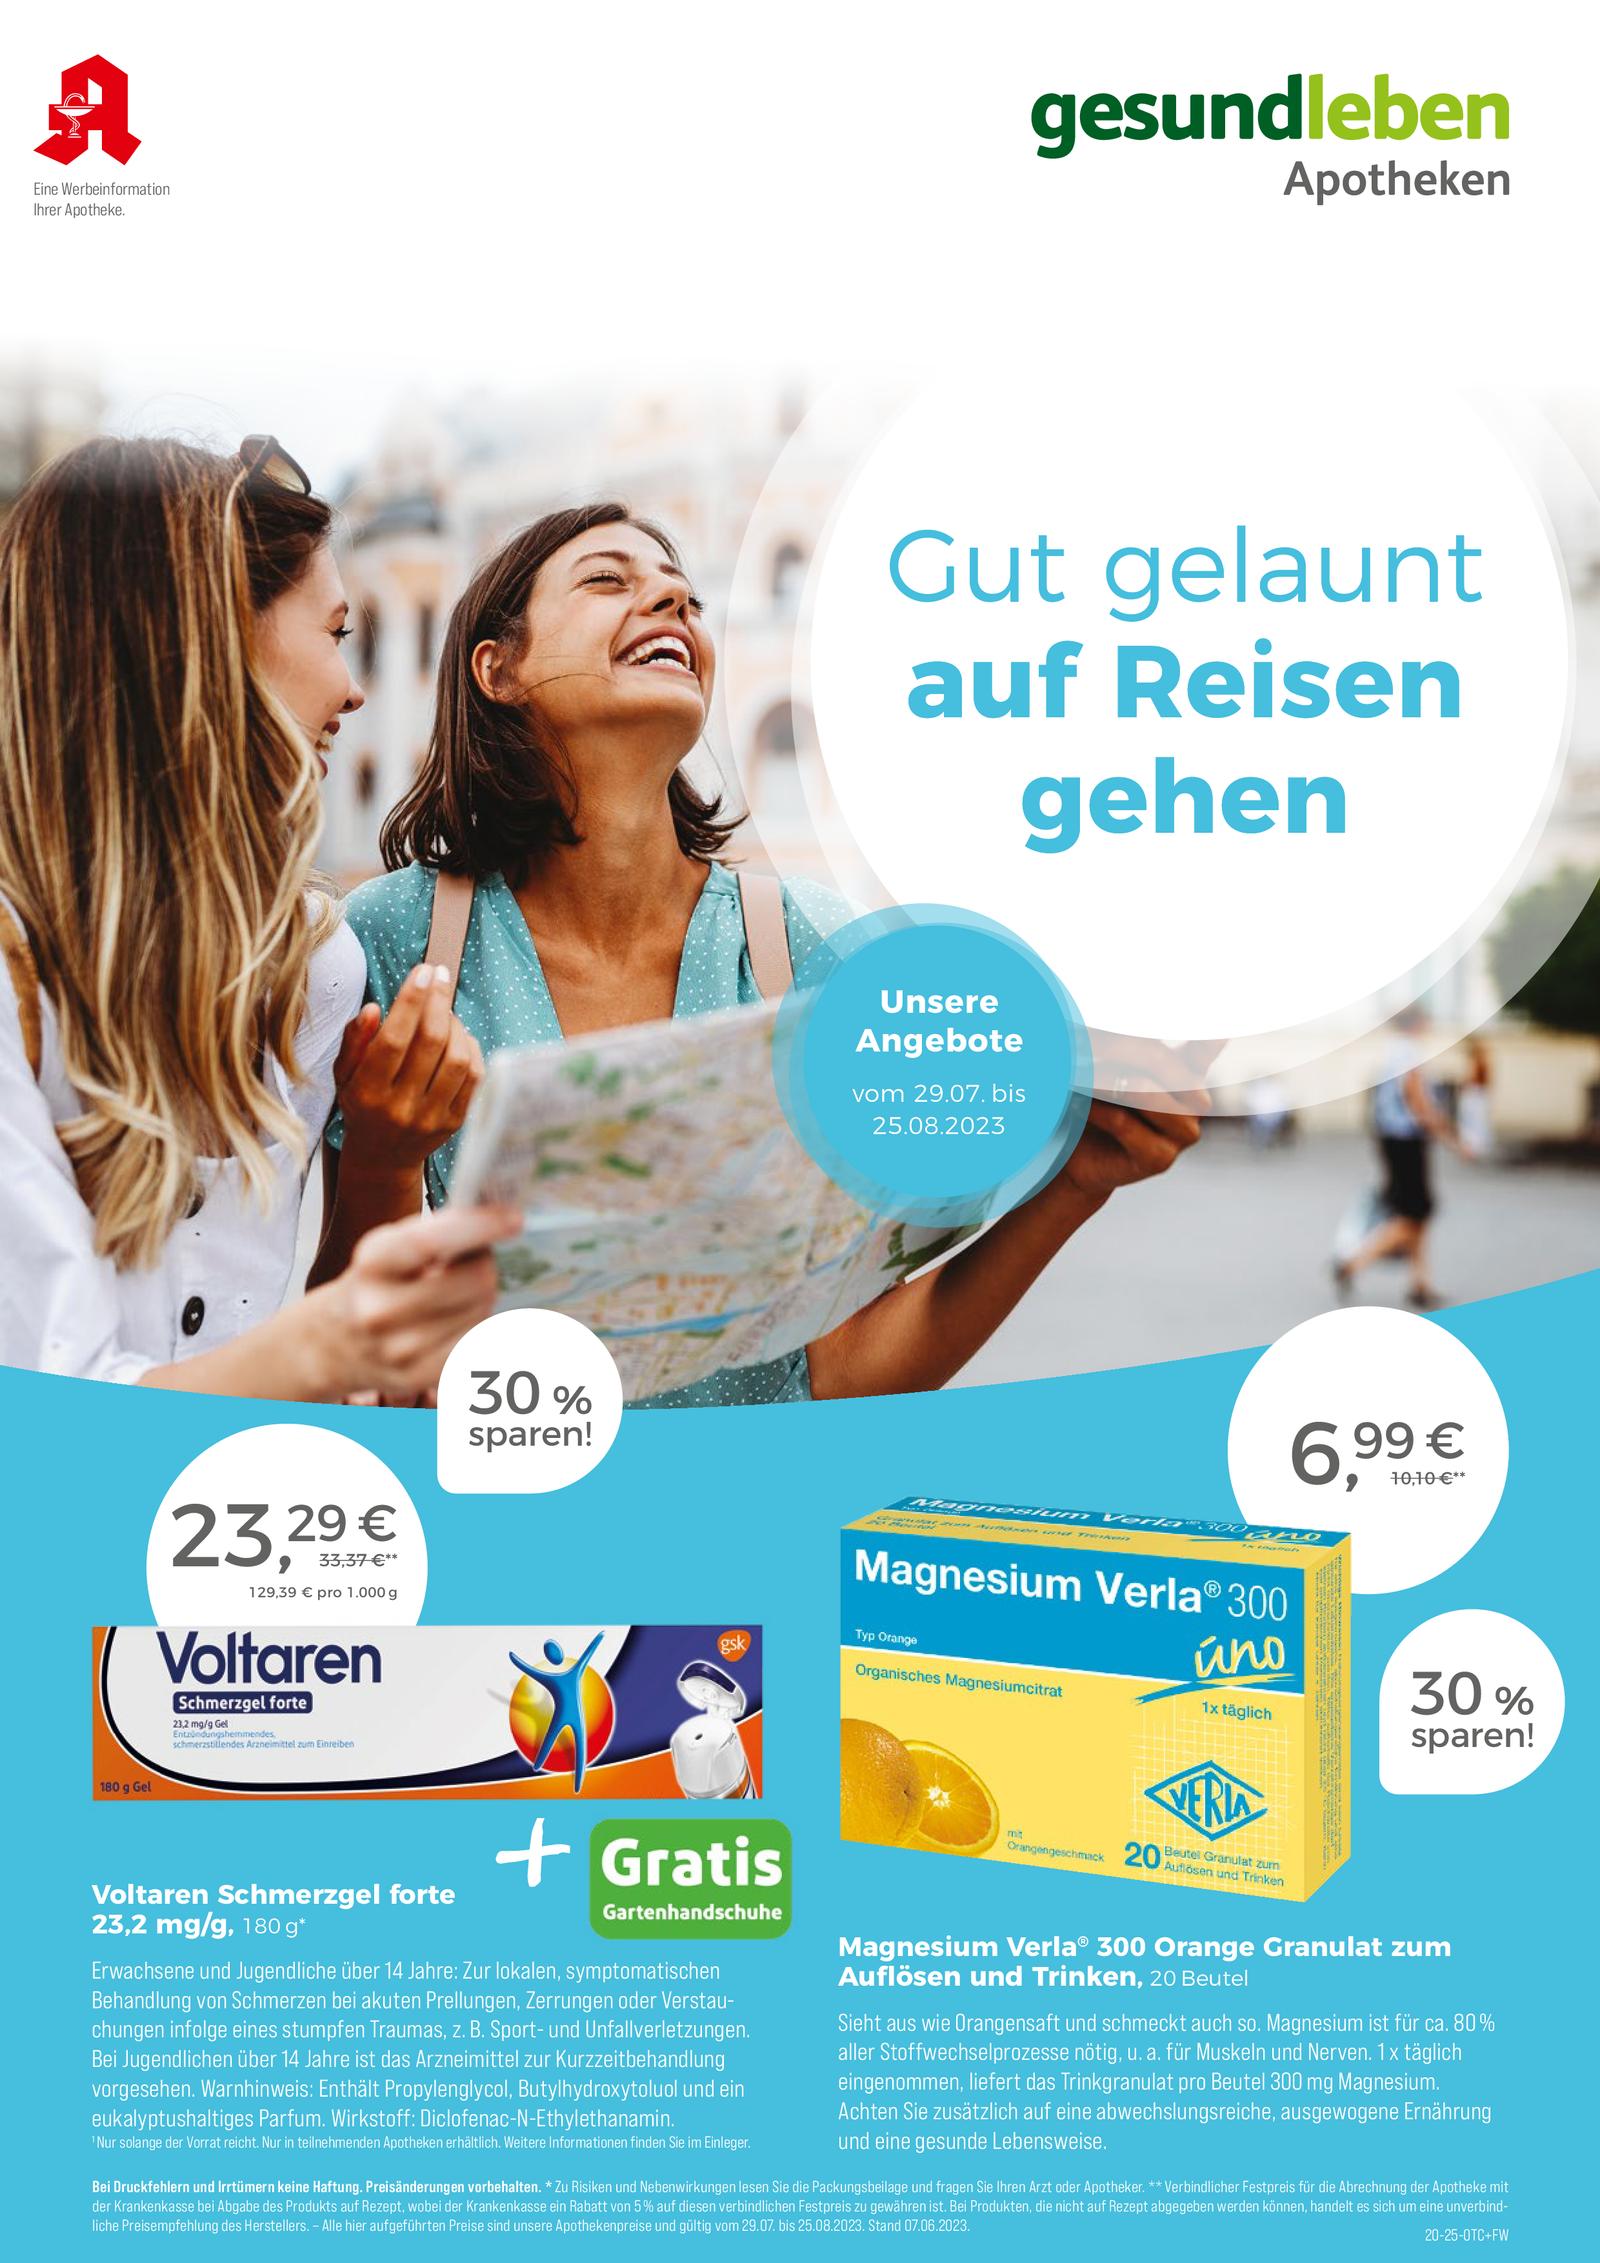 https://mein-uploads.apocdn.net/6655/leaflets/gesundleben_mittel-Seite1.png